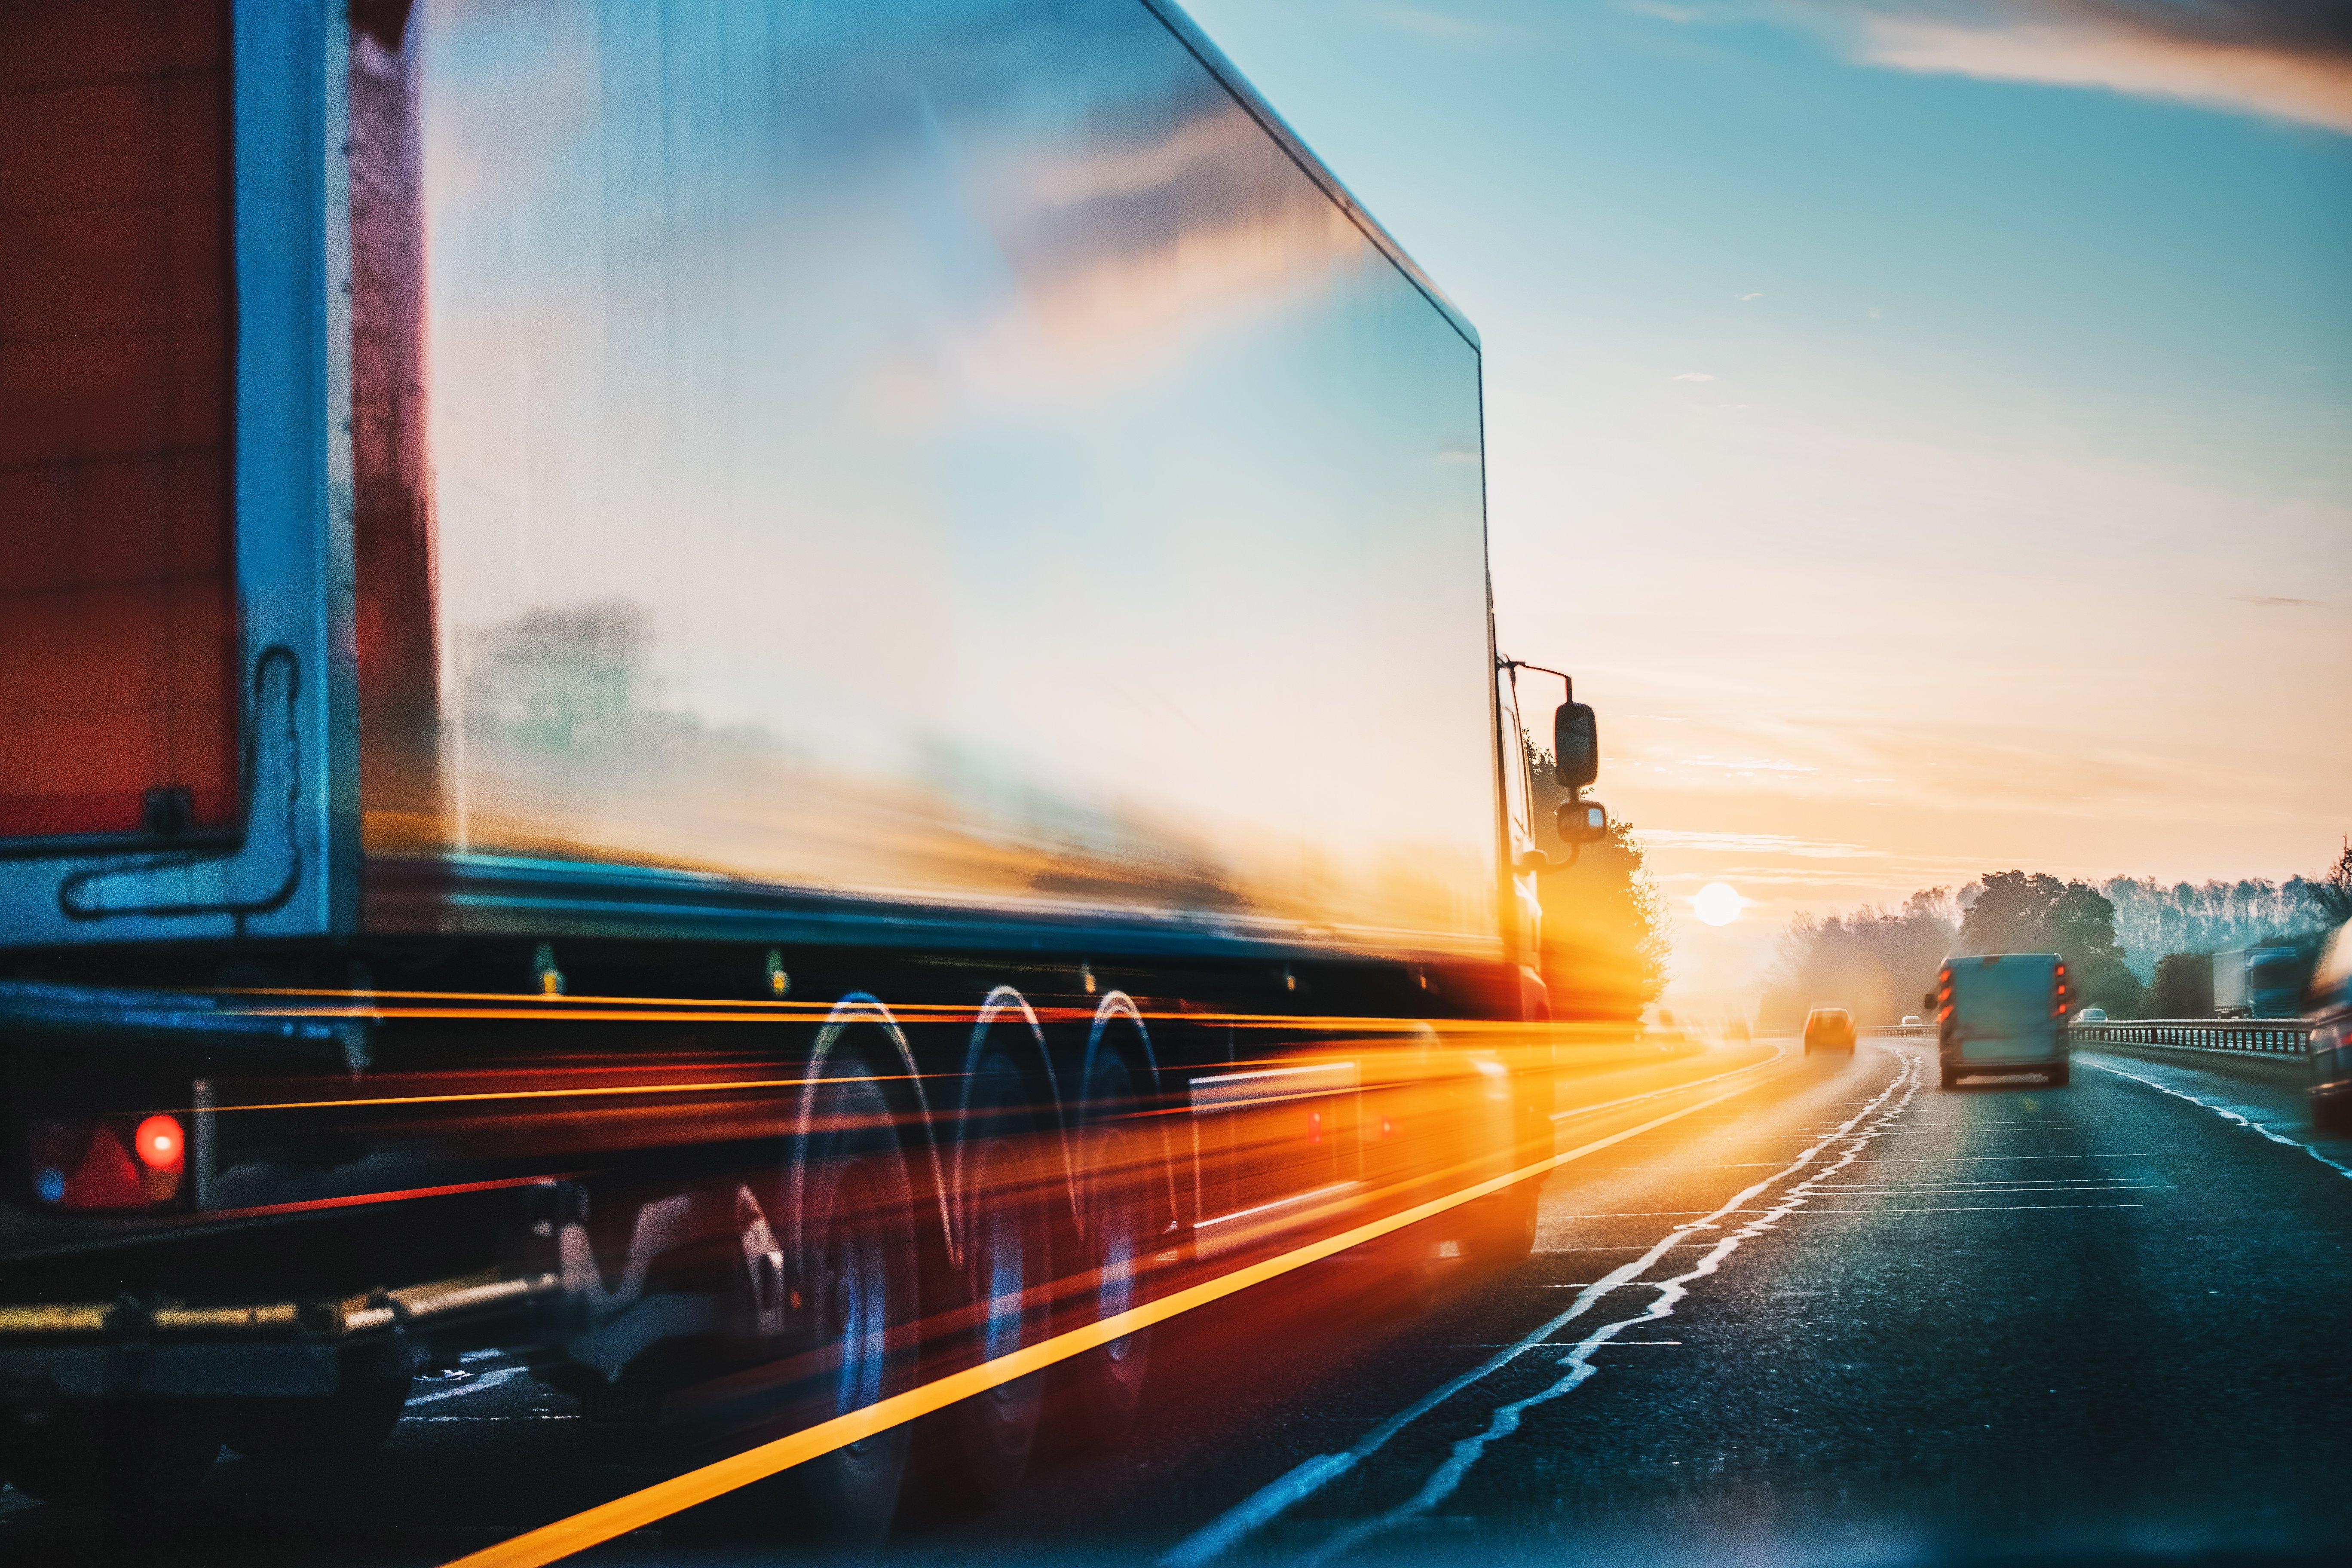 ssc-truck-contrast